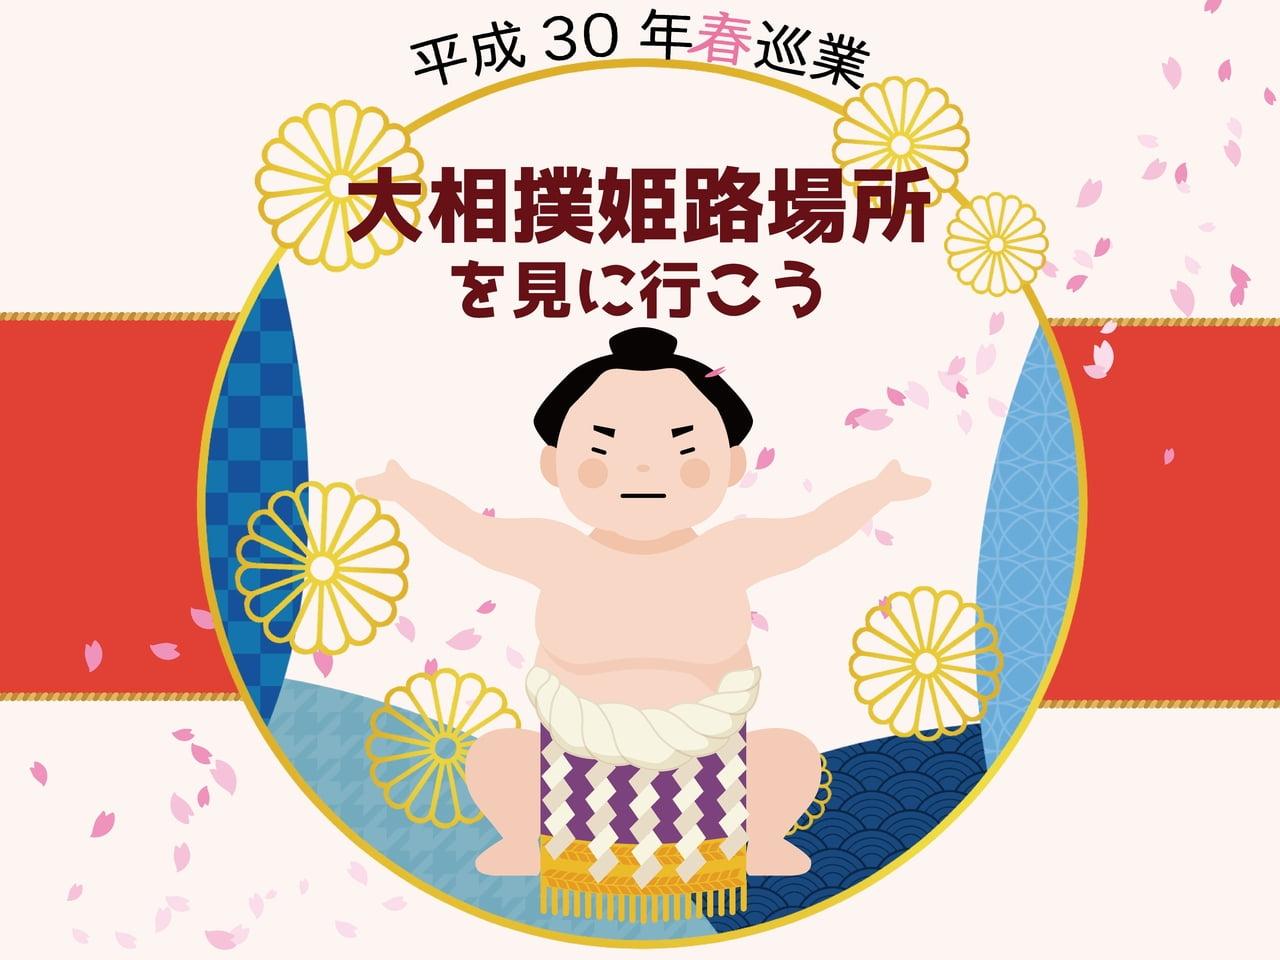 【平成30年春巡業】大相撲姫路場所を見に行こう!~チケット情報や人気力士とのちびっこ稽古~